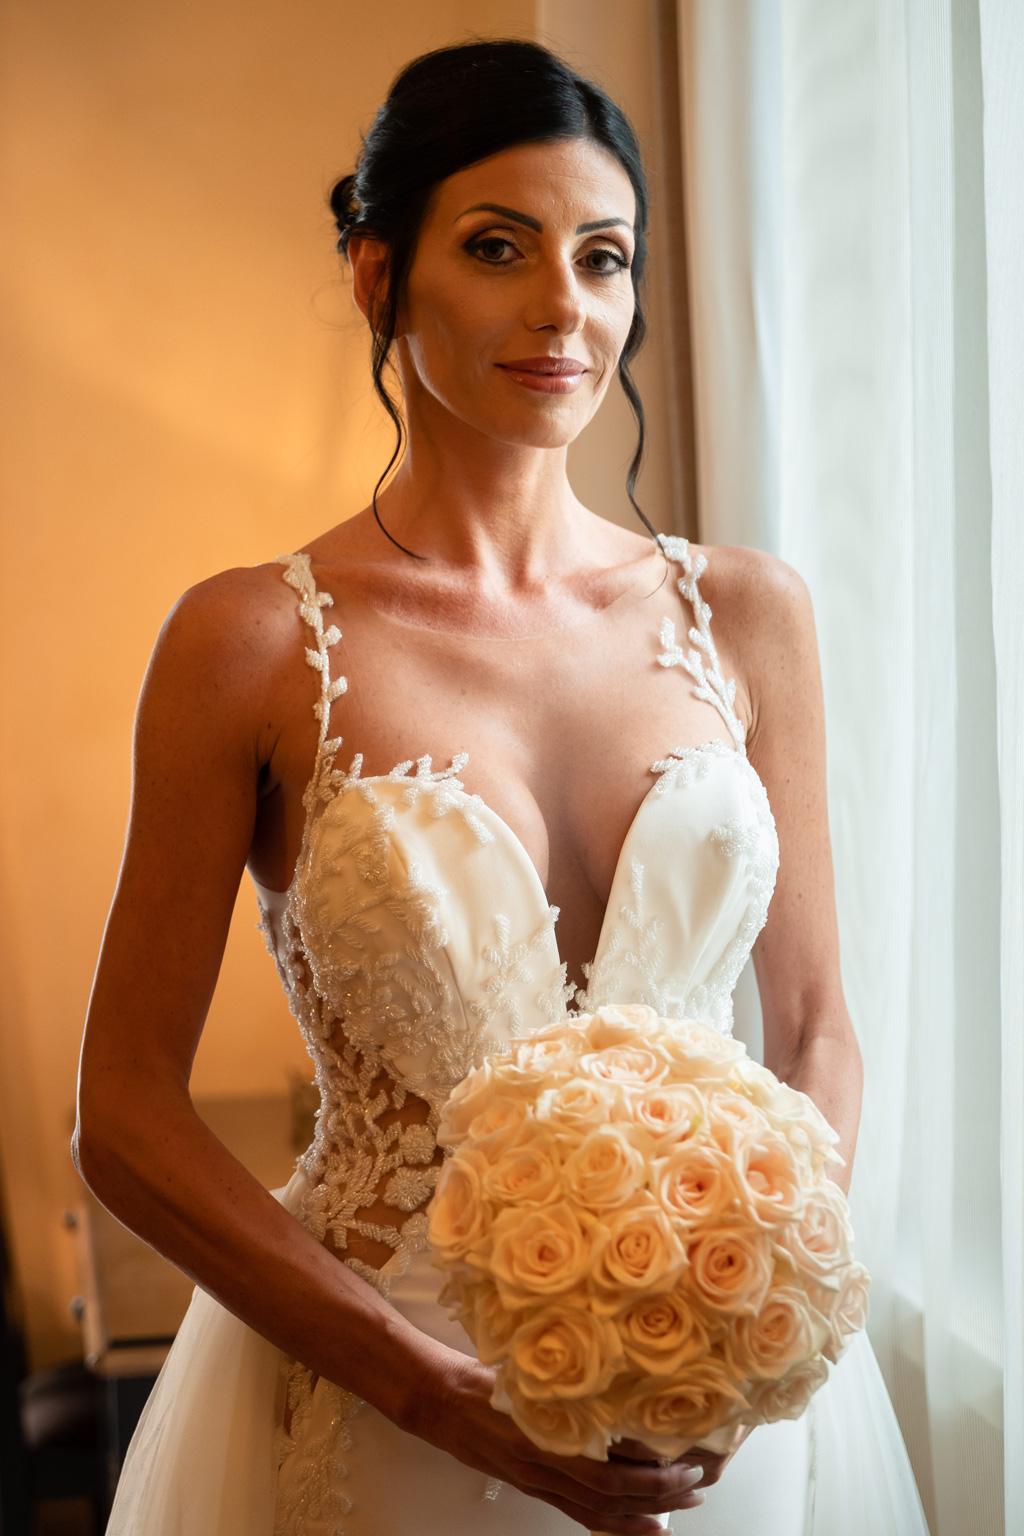 Ritratto della sposa con il bouquet